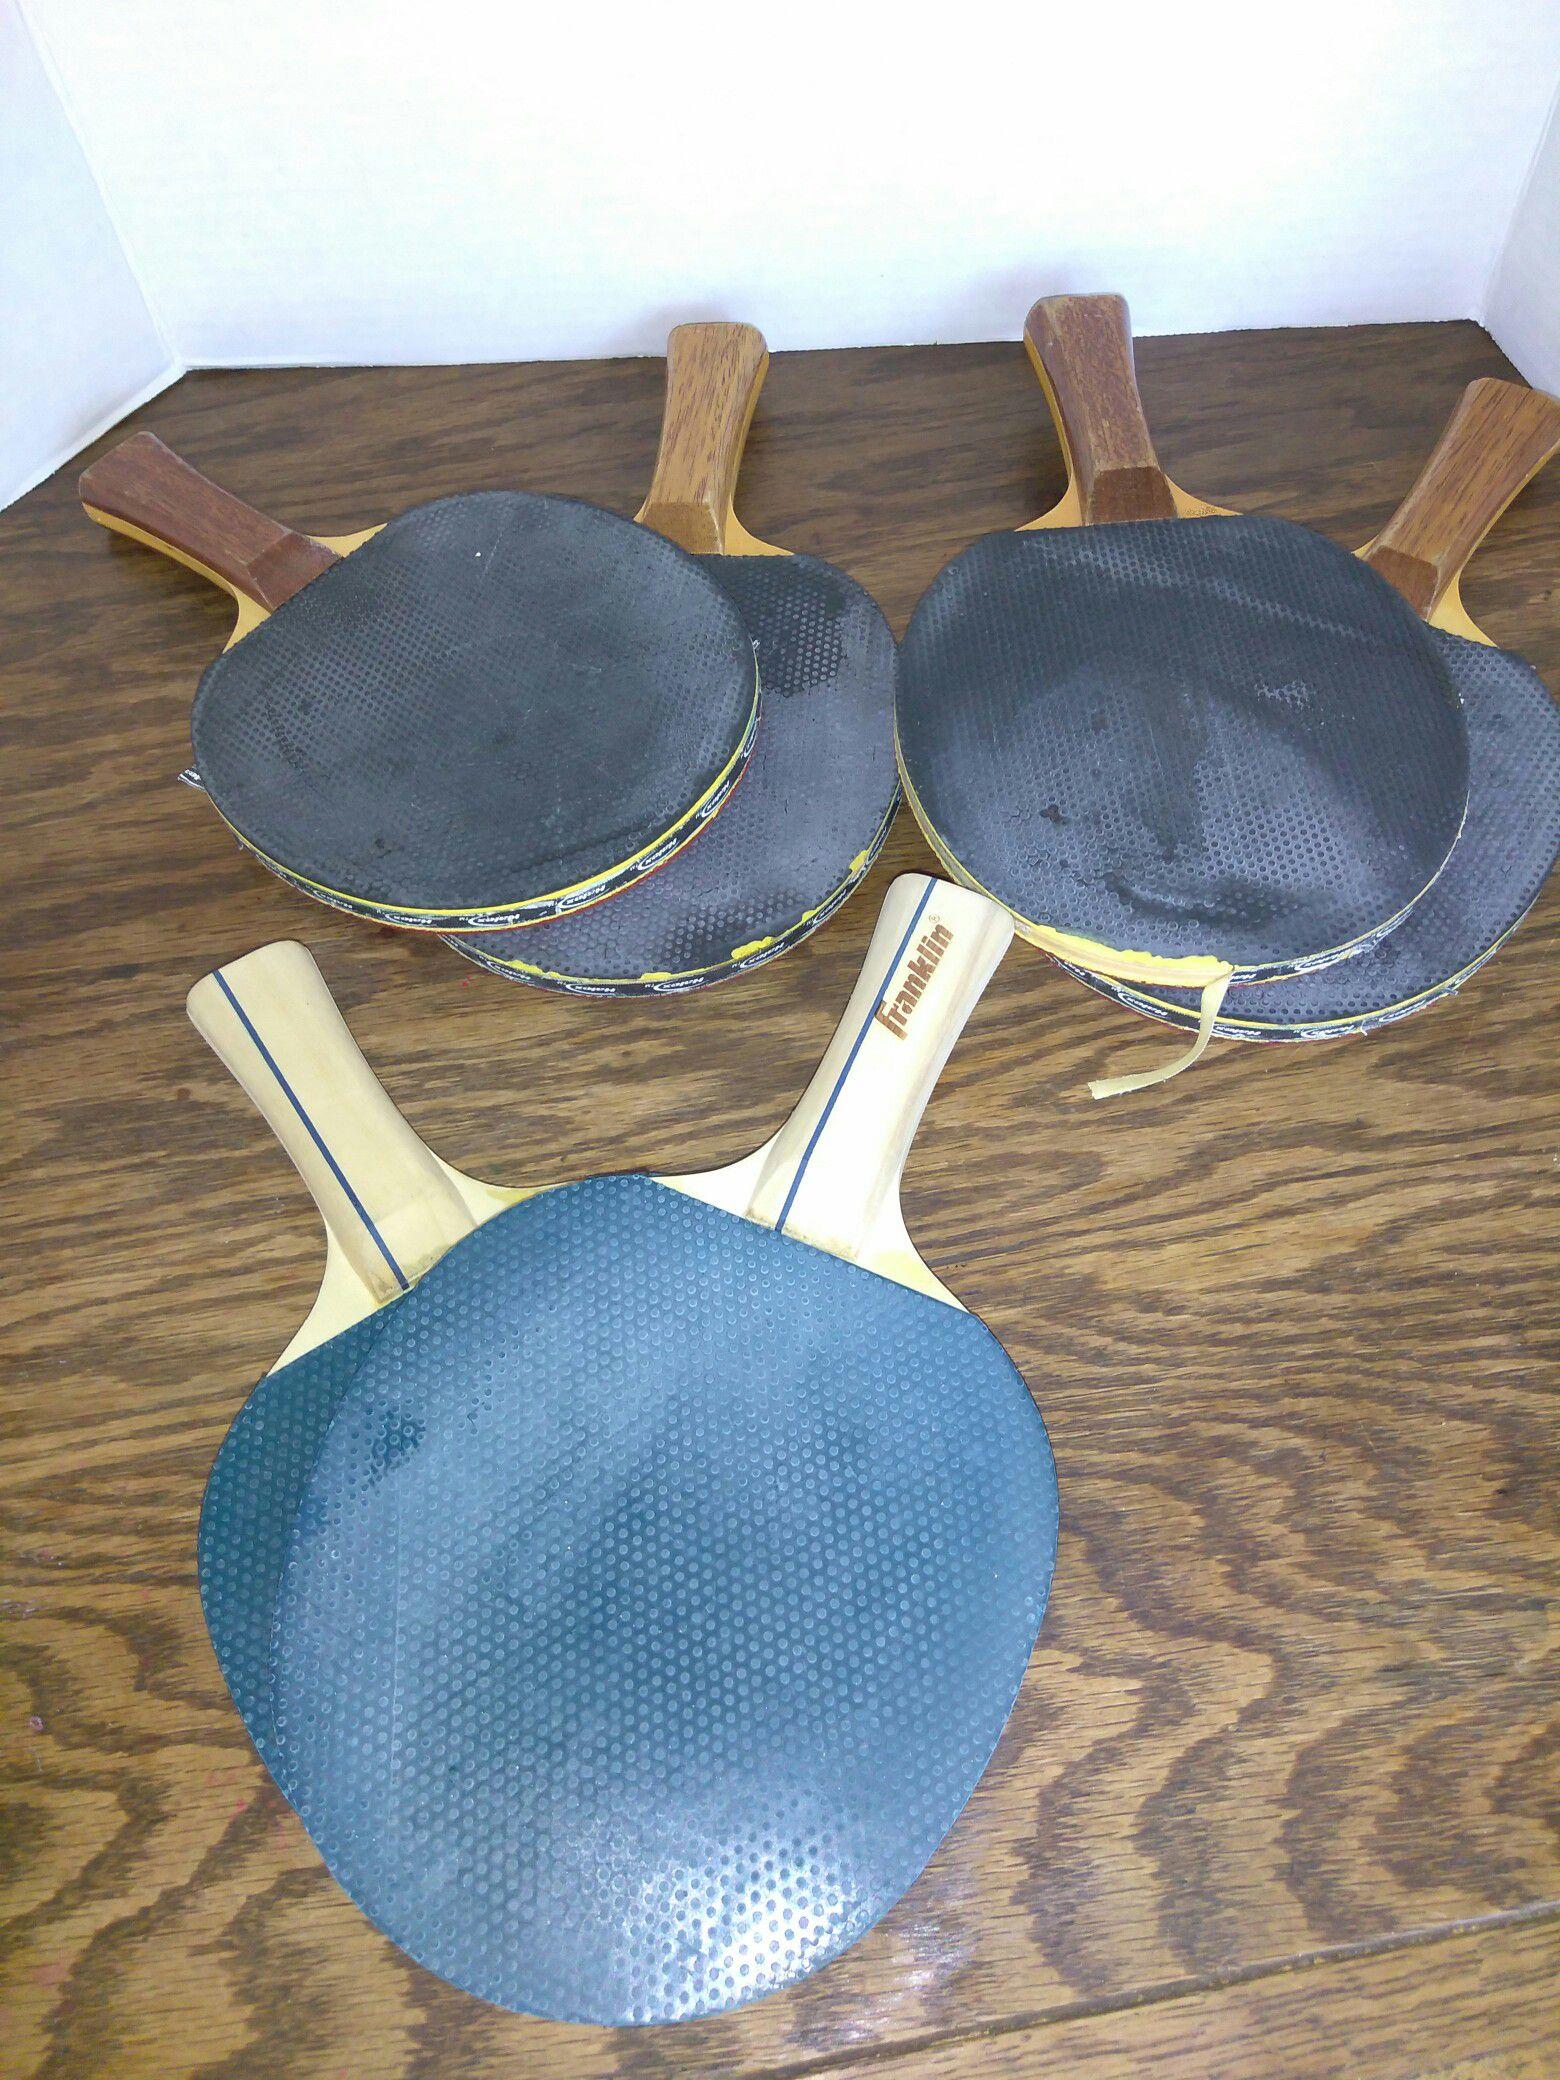 Ping-pong paddles USED!!! 3 sets